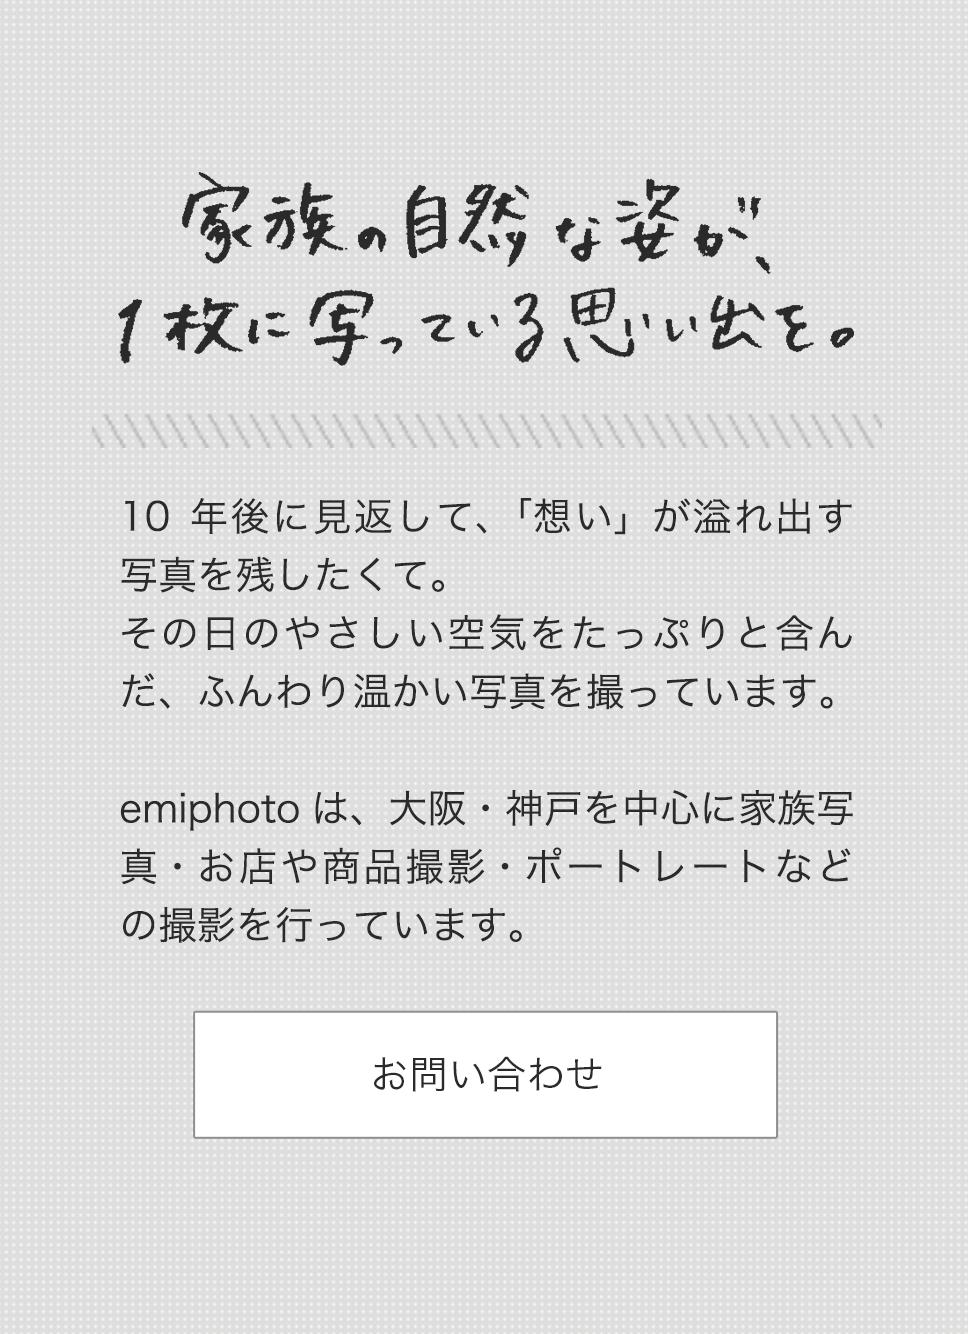 emiphoto(エミフォト)へのお問い合わせはこちら